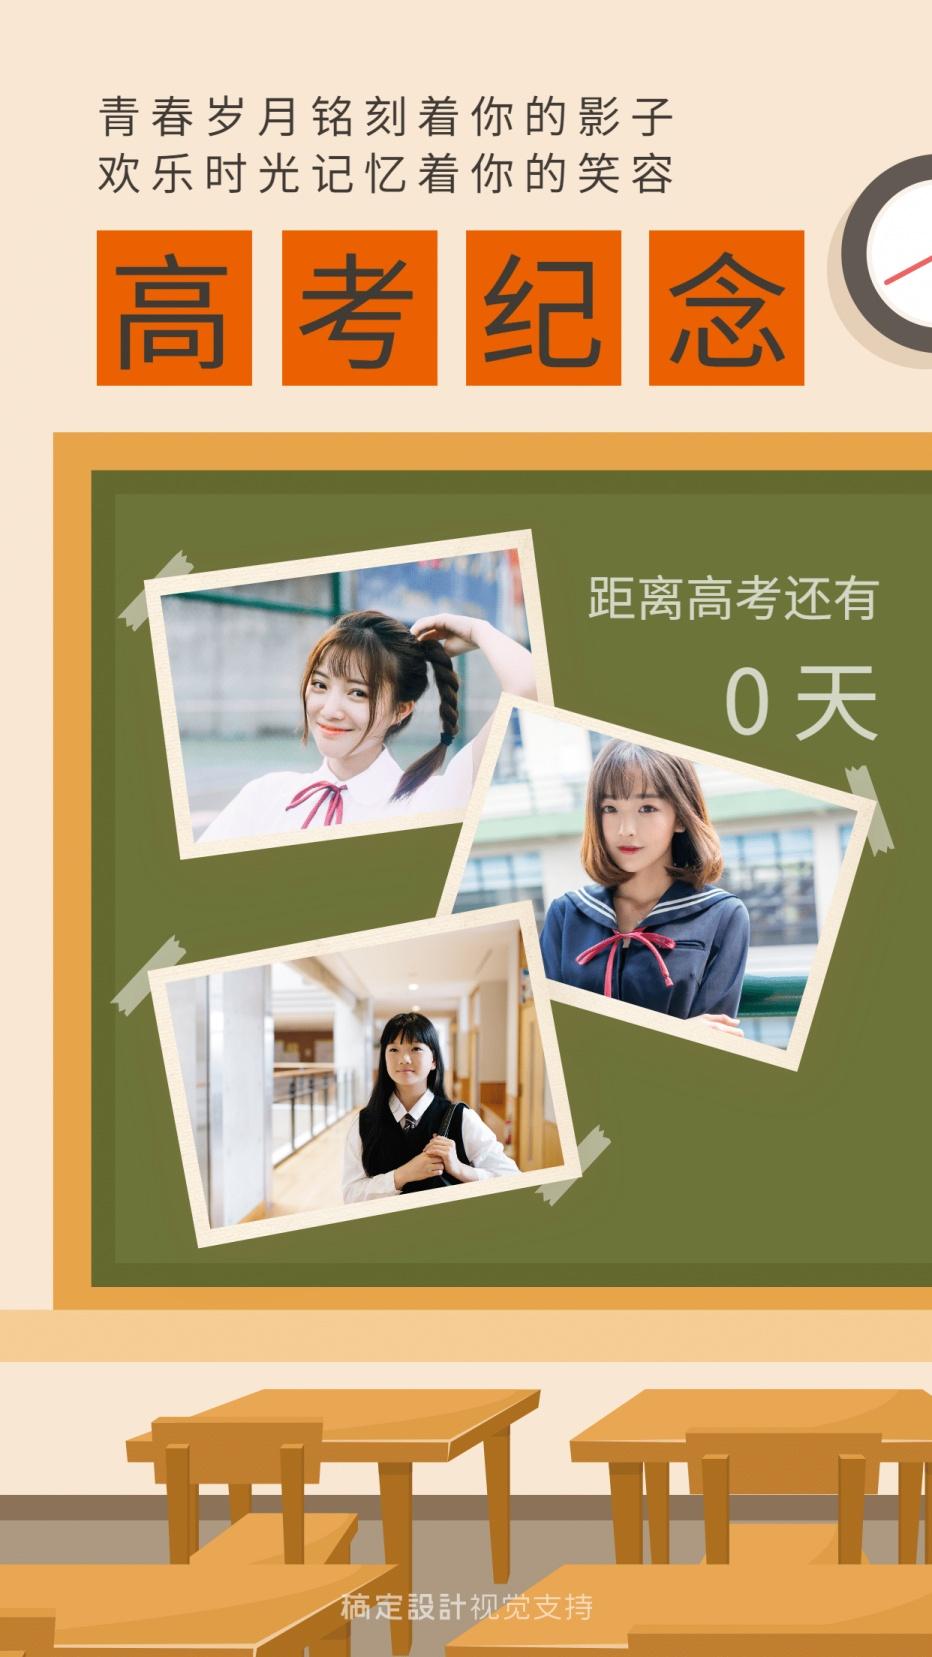 高考纪念相册海报